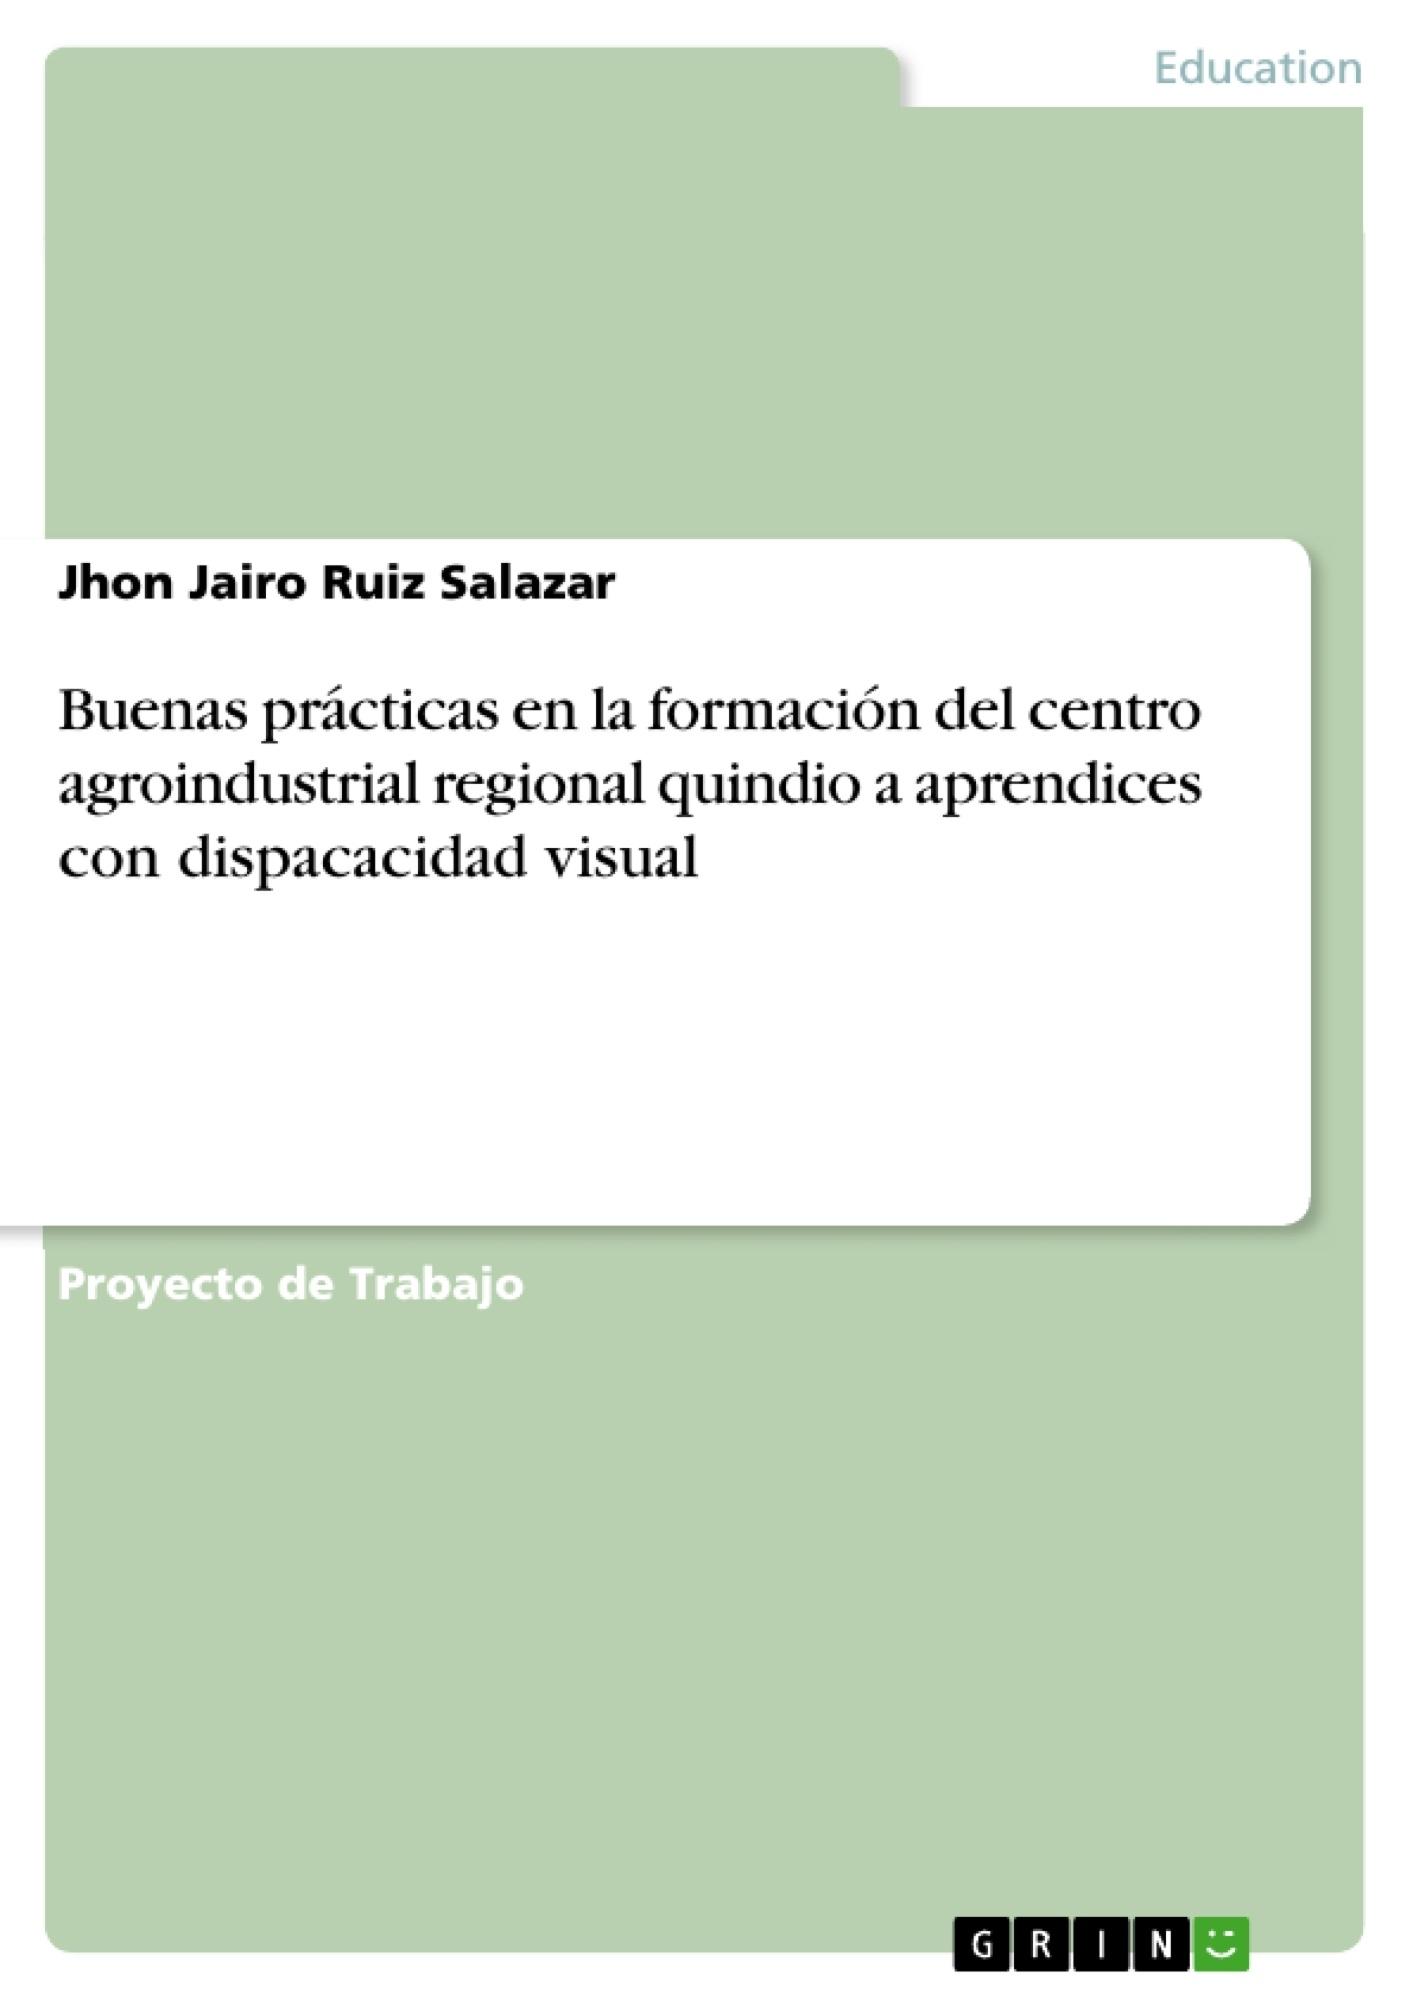 Título: Buenas prácticas en la formación del centro agroindustrial regional quindio a aprendices con dispacacidad visual